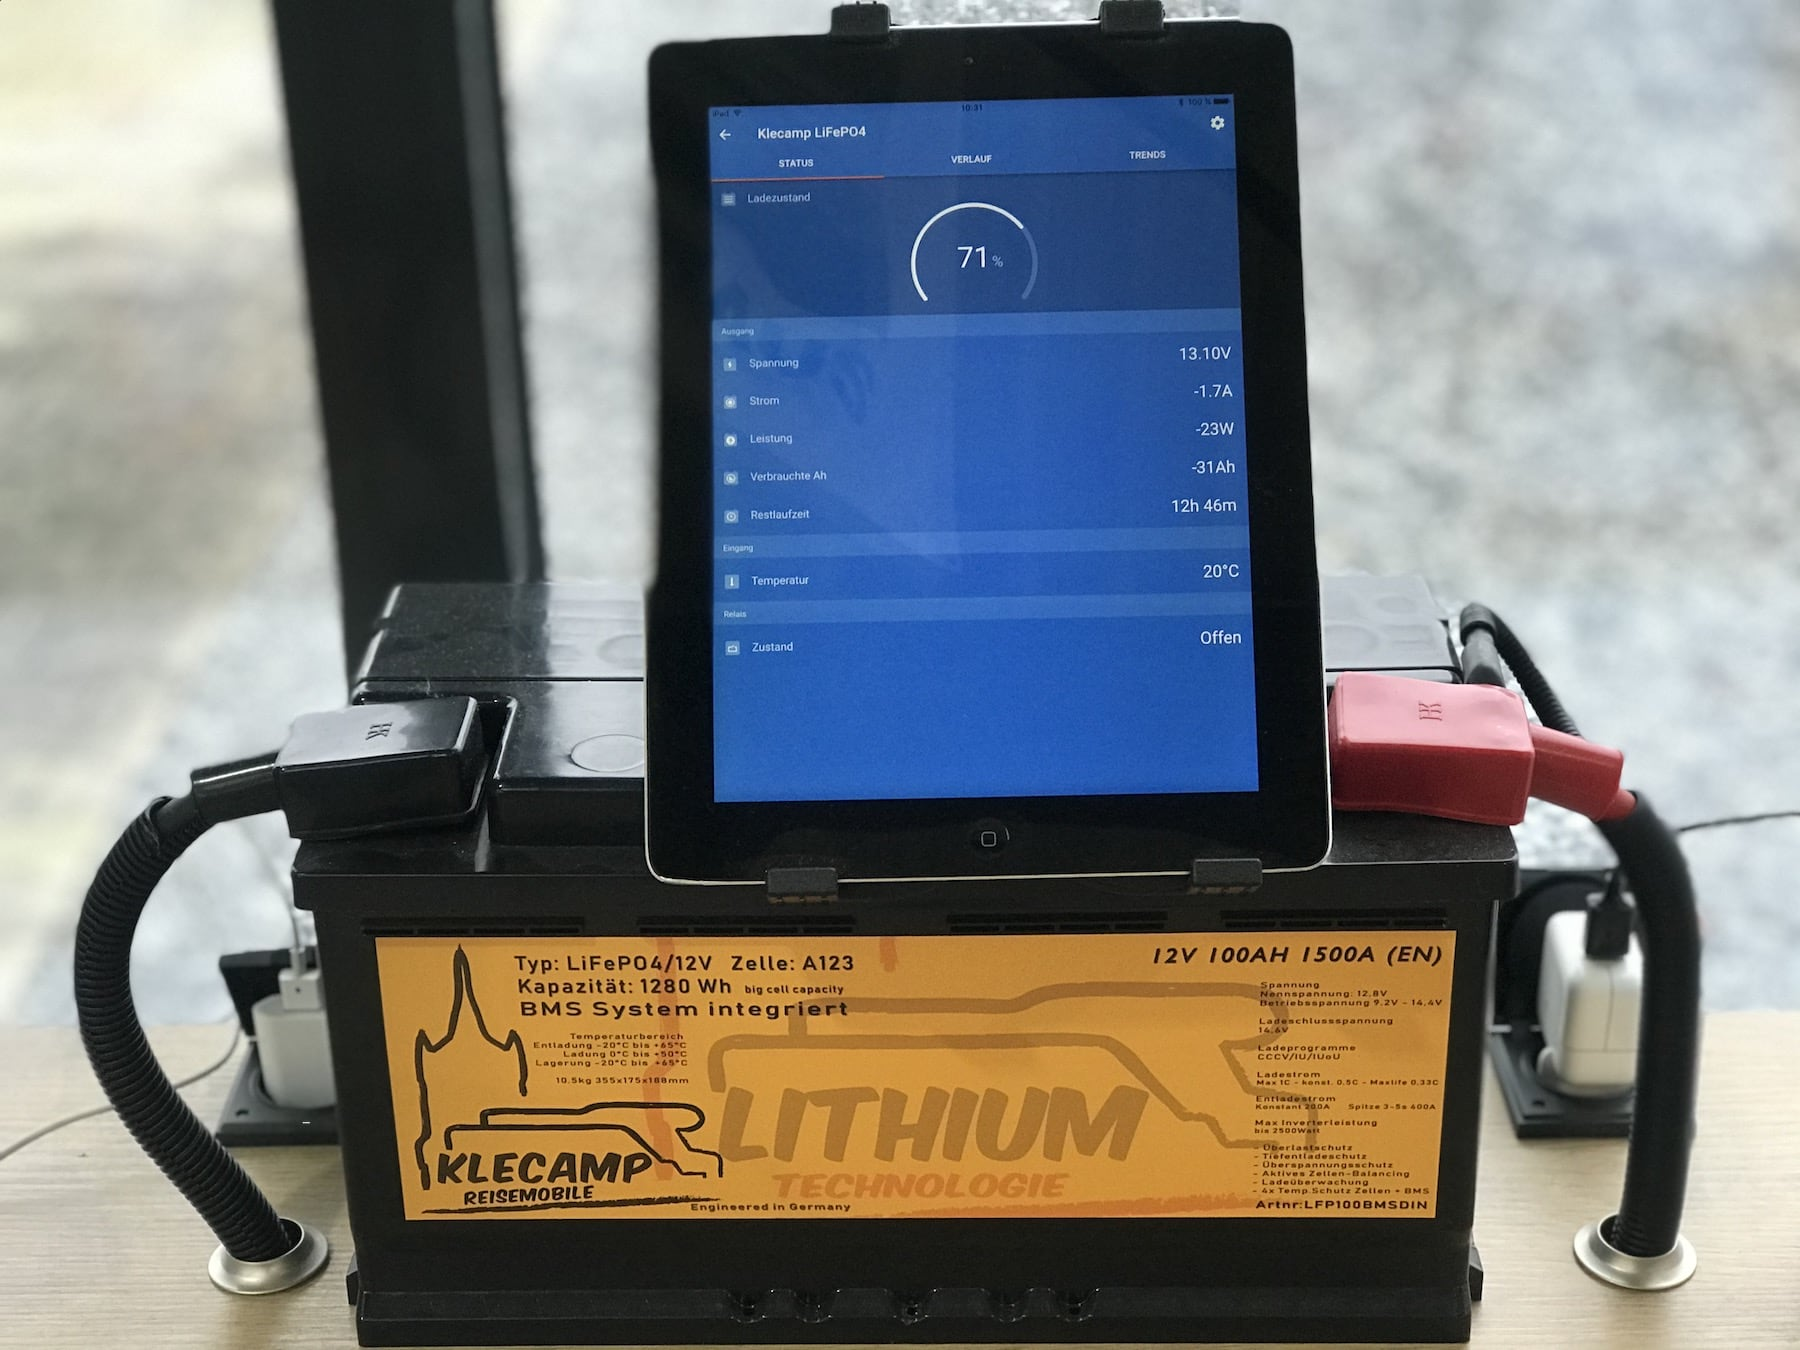 Lithium Batterie für Wohnmobile, Einbau, Sinn, Können